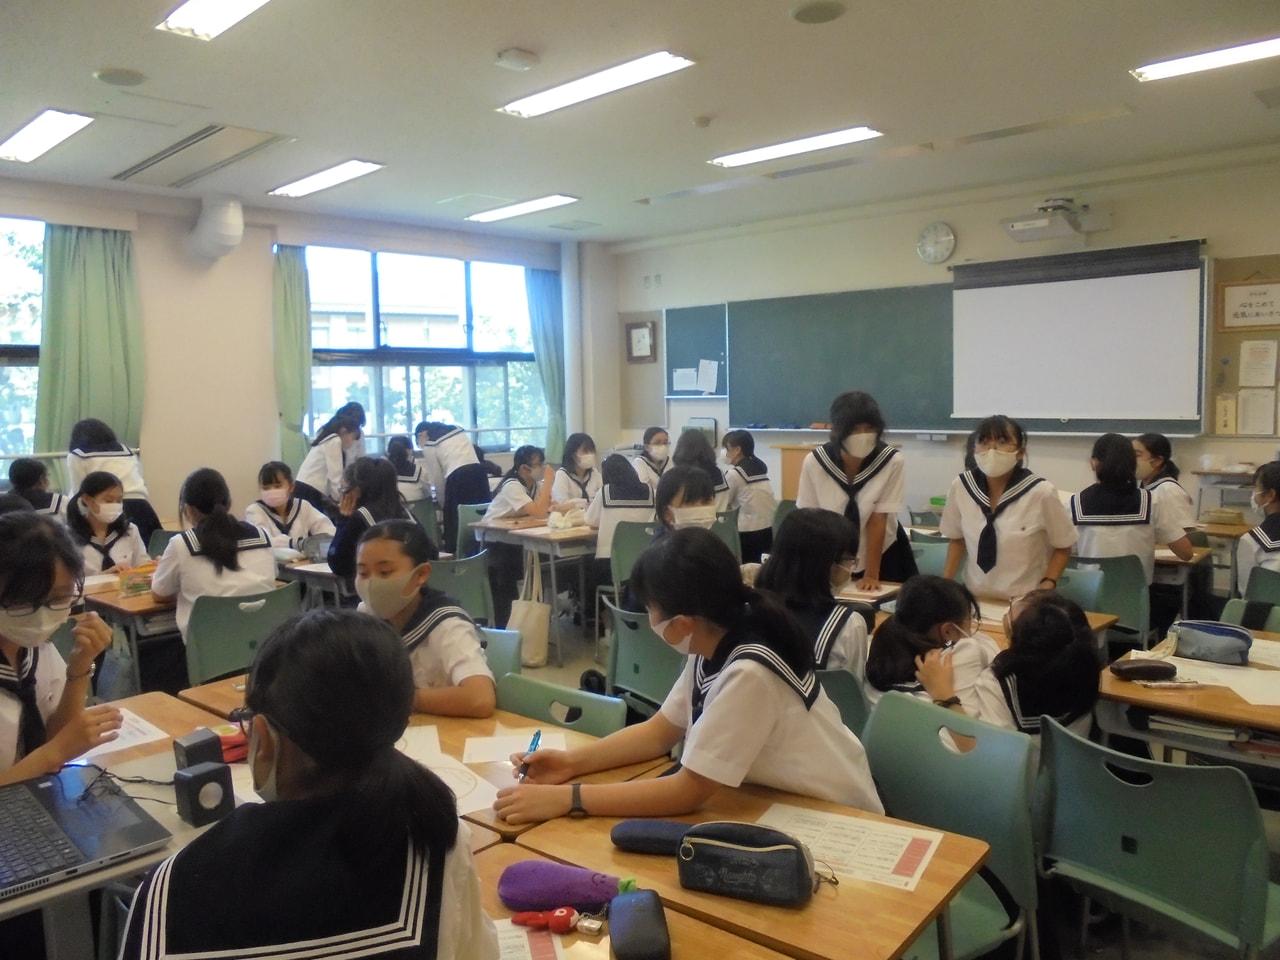 【中1】「円盤教材」を使った授業